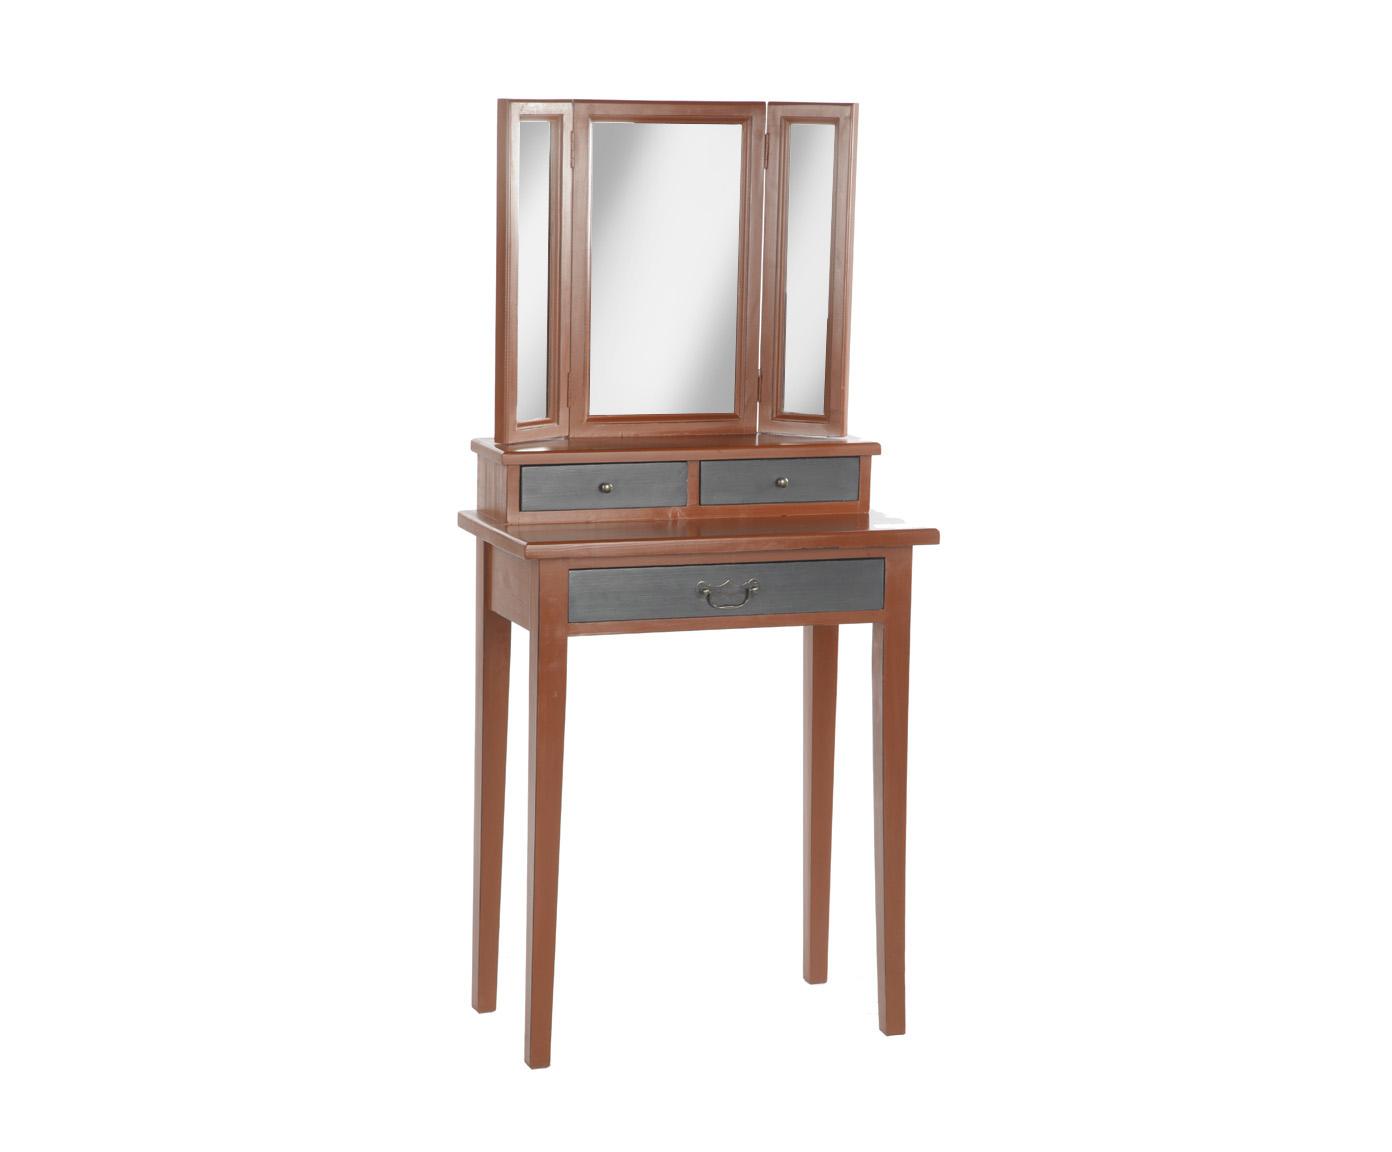 Туалетный столикТуалетные столики<br>Несомненным преимуществом цветной мебели &amp;quot;Кантри&amp;quot; является ее высокое качество. Коллекция изготовлена в Румынии и выполнена полностью из массива дерева (средиземноморская сосна). Мебель &amp;quot;Кантри&amp;quot; рассчитана на длительное и активное использование.<br>Кроме того, большая часть предметов коллекции  &amp;quot;Кантри&amp;quot; покрыта двумя слоями красок разных цветов и запатинирована. Искусственная состаренность придает мебели особый теплый деревенский шарм.&amp;lt;div&amp;gt;&amp;lt;br&amp;gt;&amp;lt;/div&amp;gt;&amp;lt;div&amp;gt;Туалетный столик красно-коричневого цвета с черной патиной, ящики - антрацит с черным.&amp;lt;/div&amp;gt;<br><br>Material: Сосна<br>Ширина см: 65<br>Высота см: 140<br>Глубина см: 35